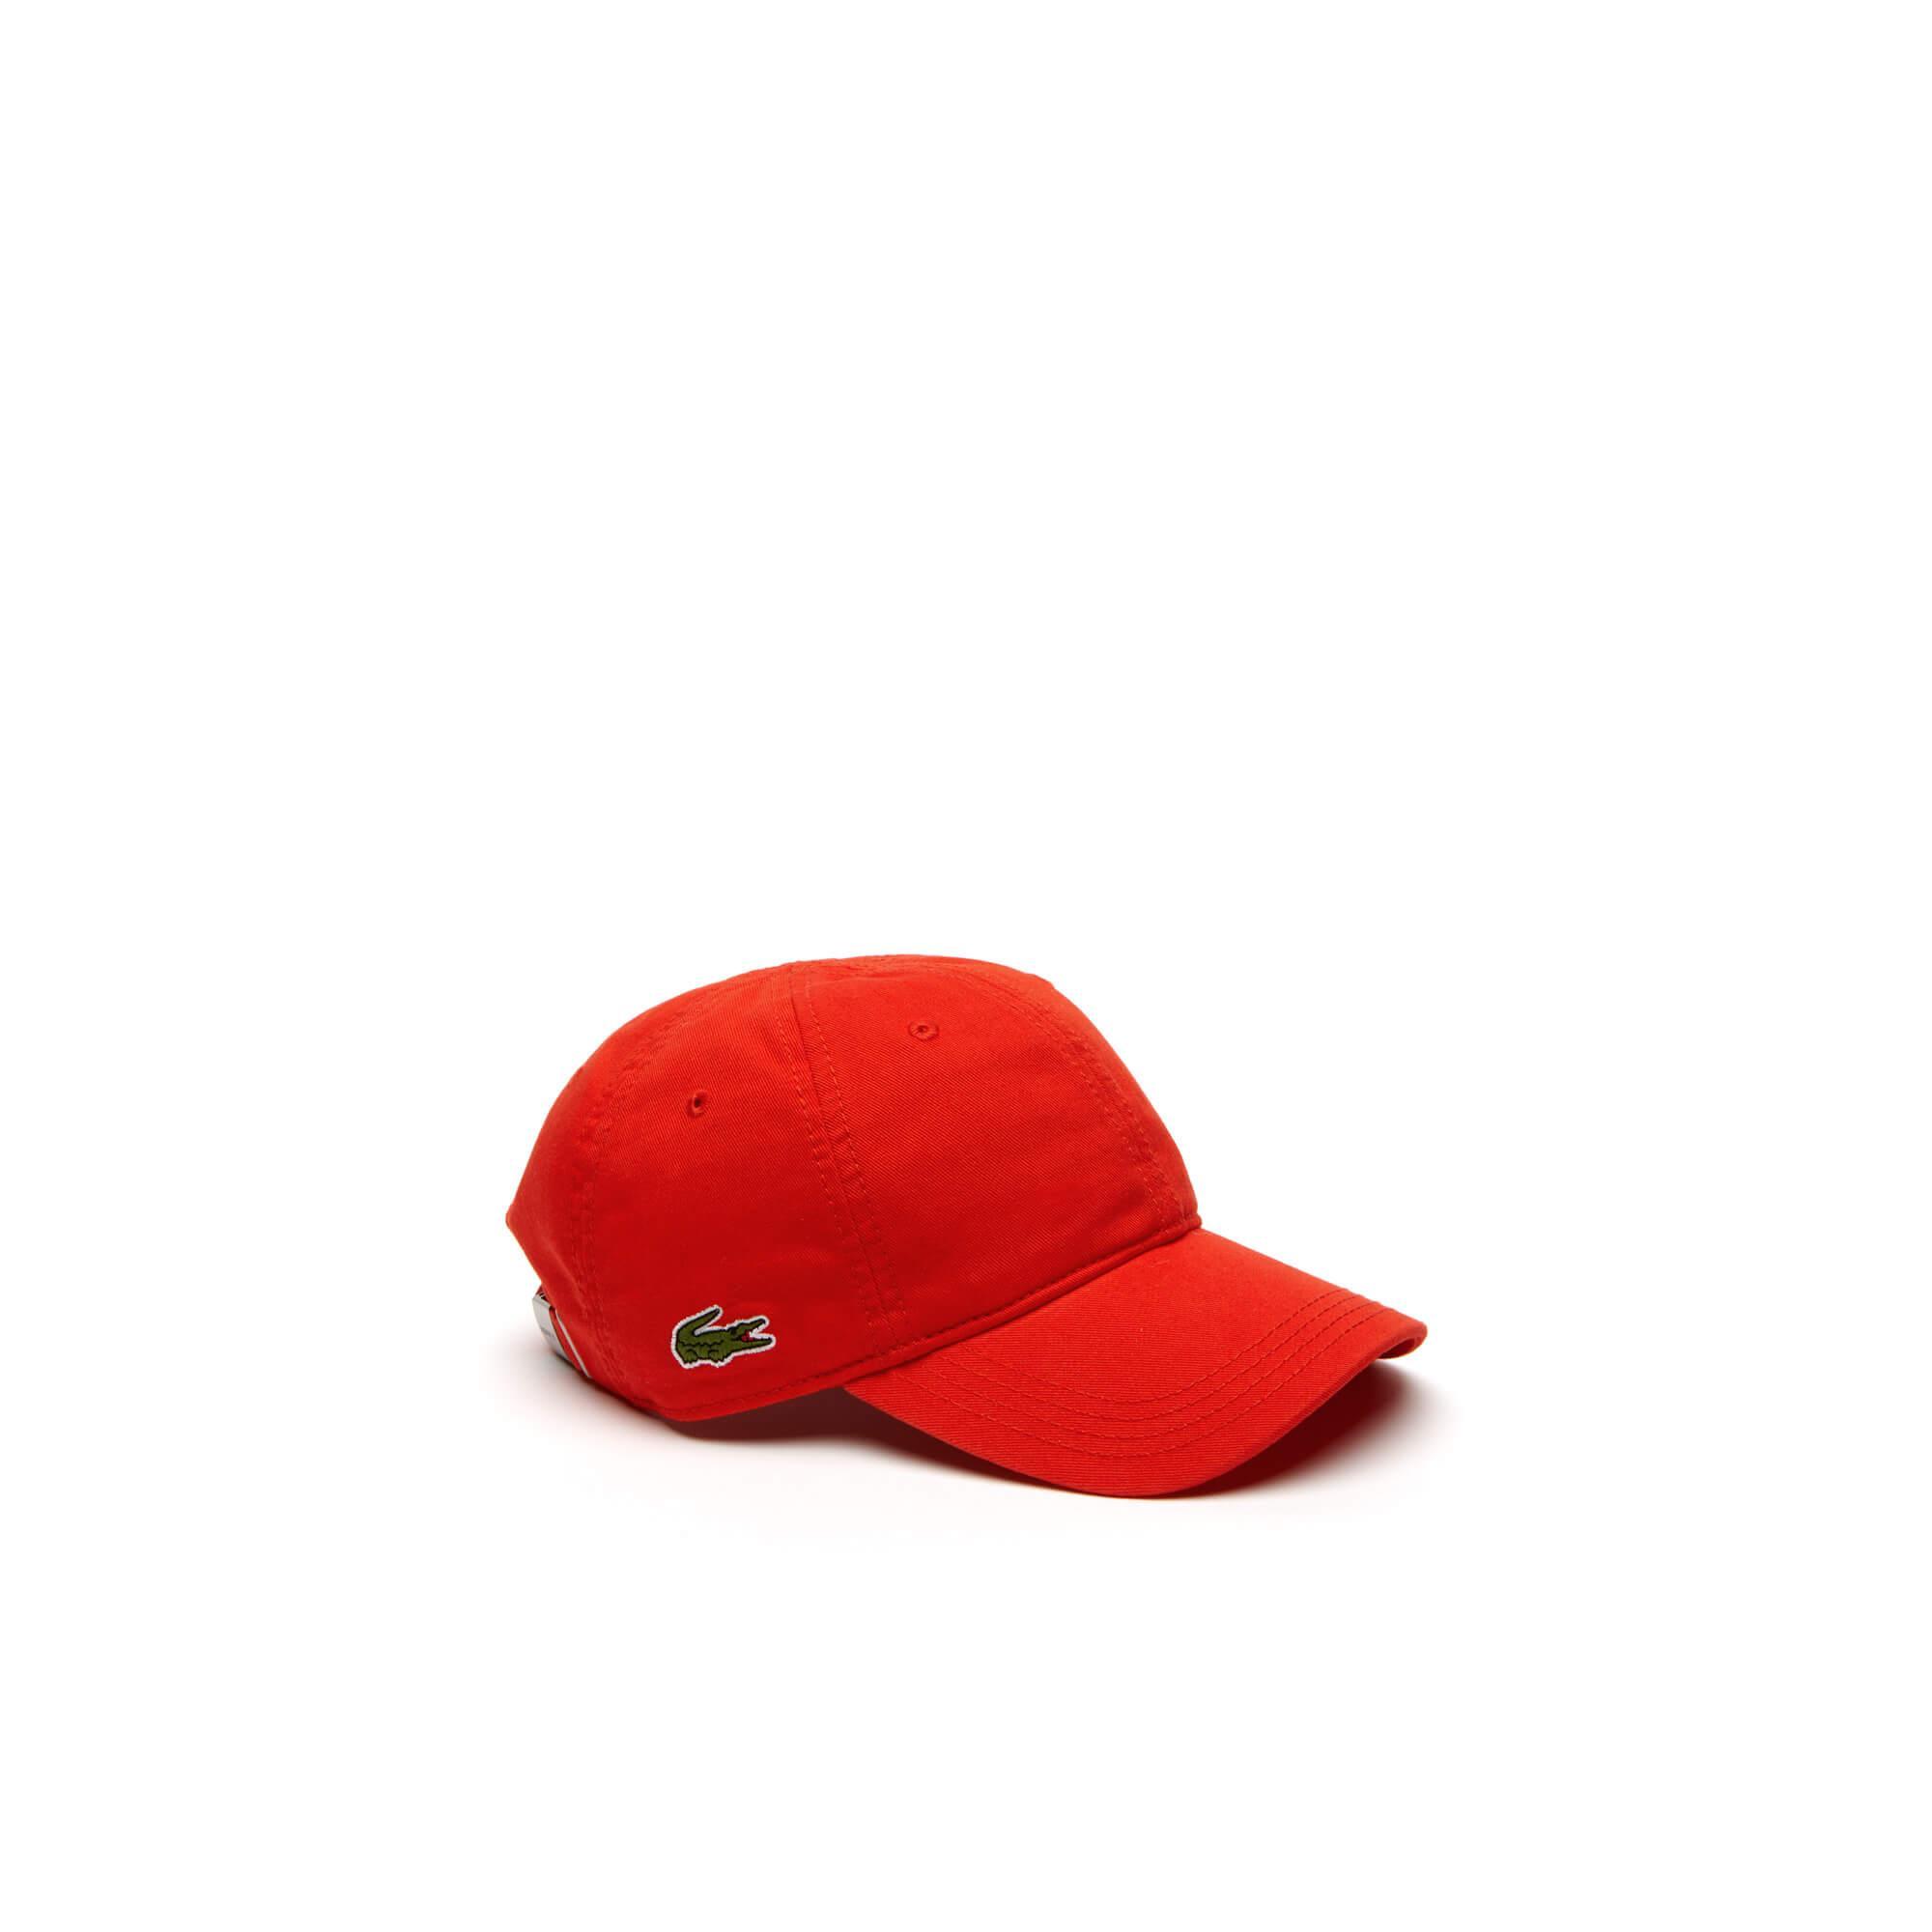 Lacoste Erkek Kırmızı Şapka